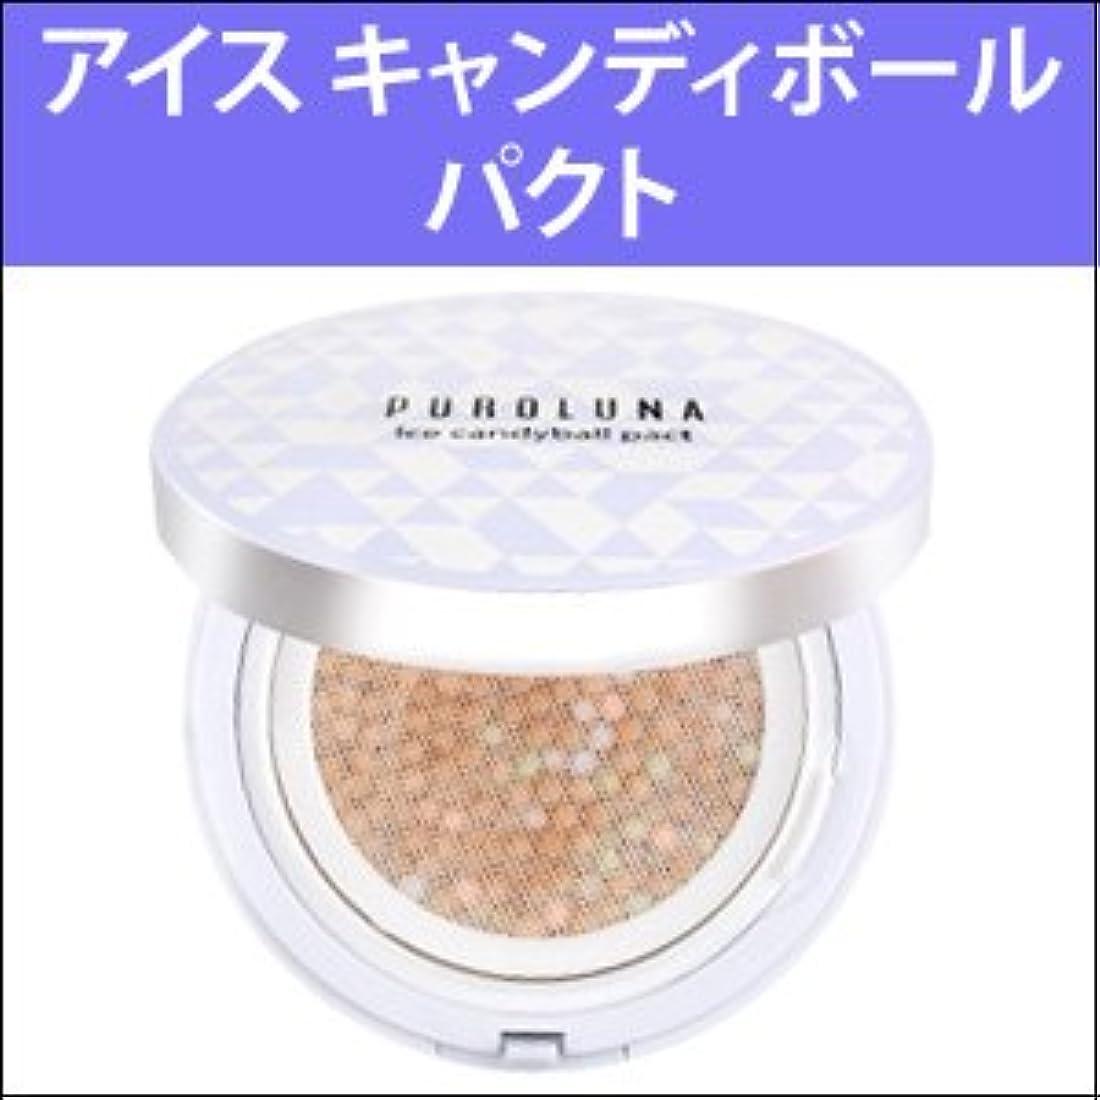 宿泊施設ホイットニー追放する『PUROLUNA・プロルナ』 アイス キャンディボール パクト(SPF50+/PA+++) カラー:2号 ベージュ